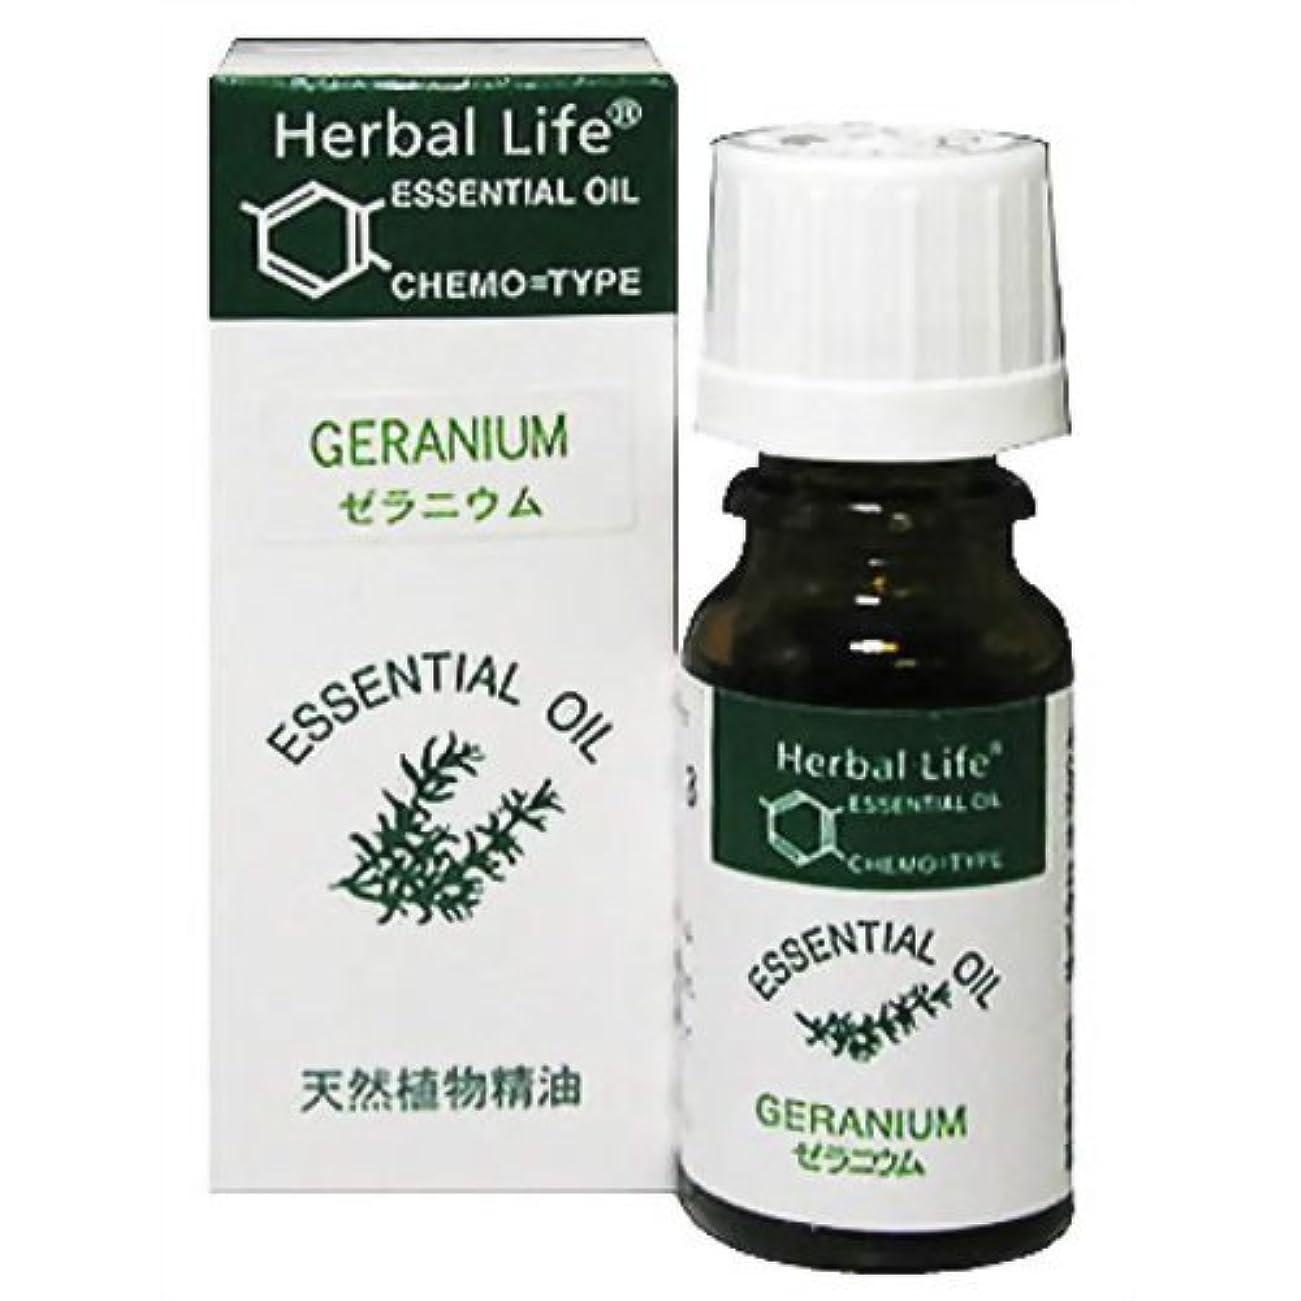 フェンス独立して失礼Herbal Life ゼラニウム 10ml